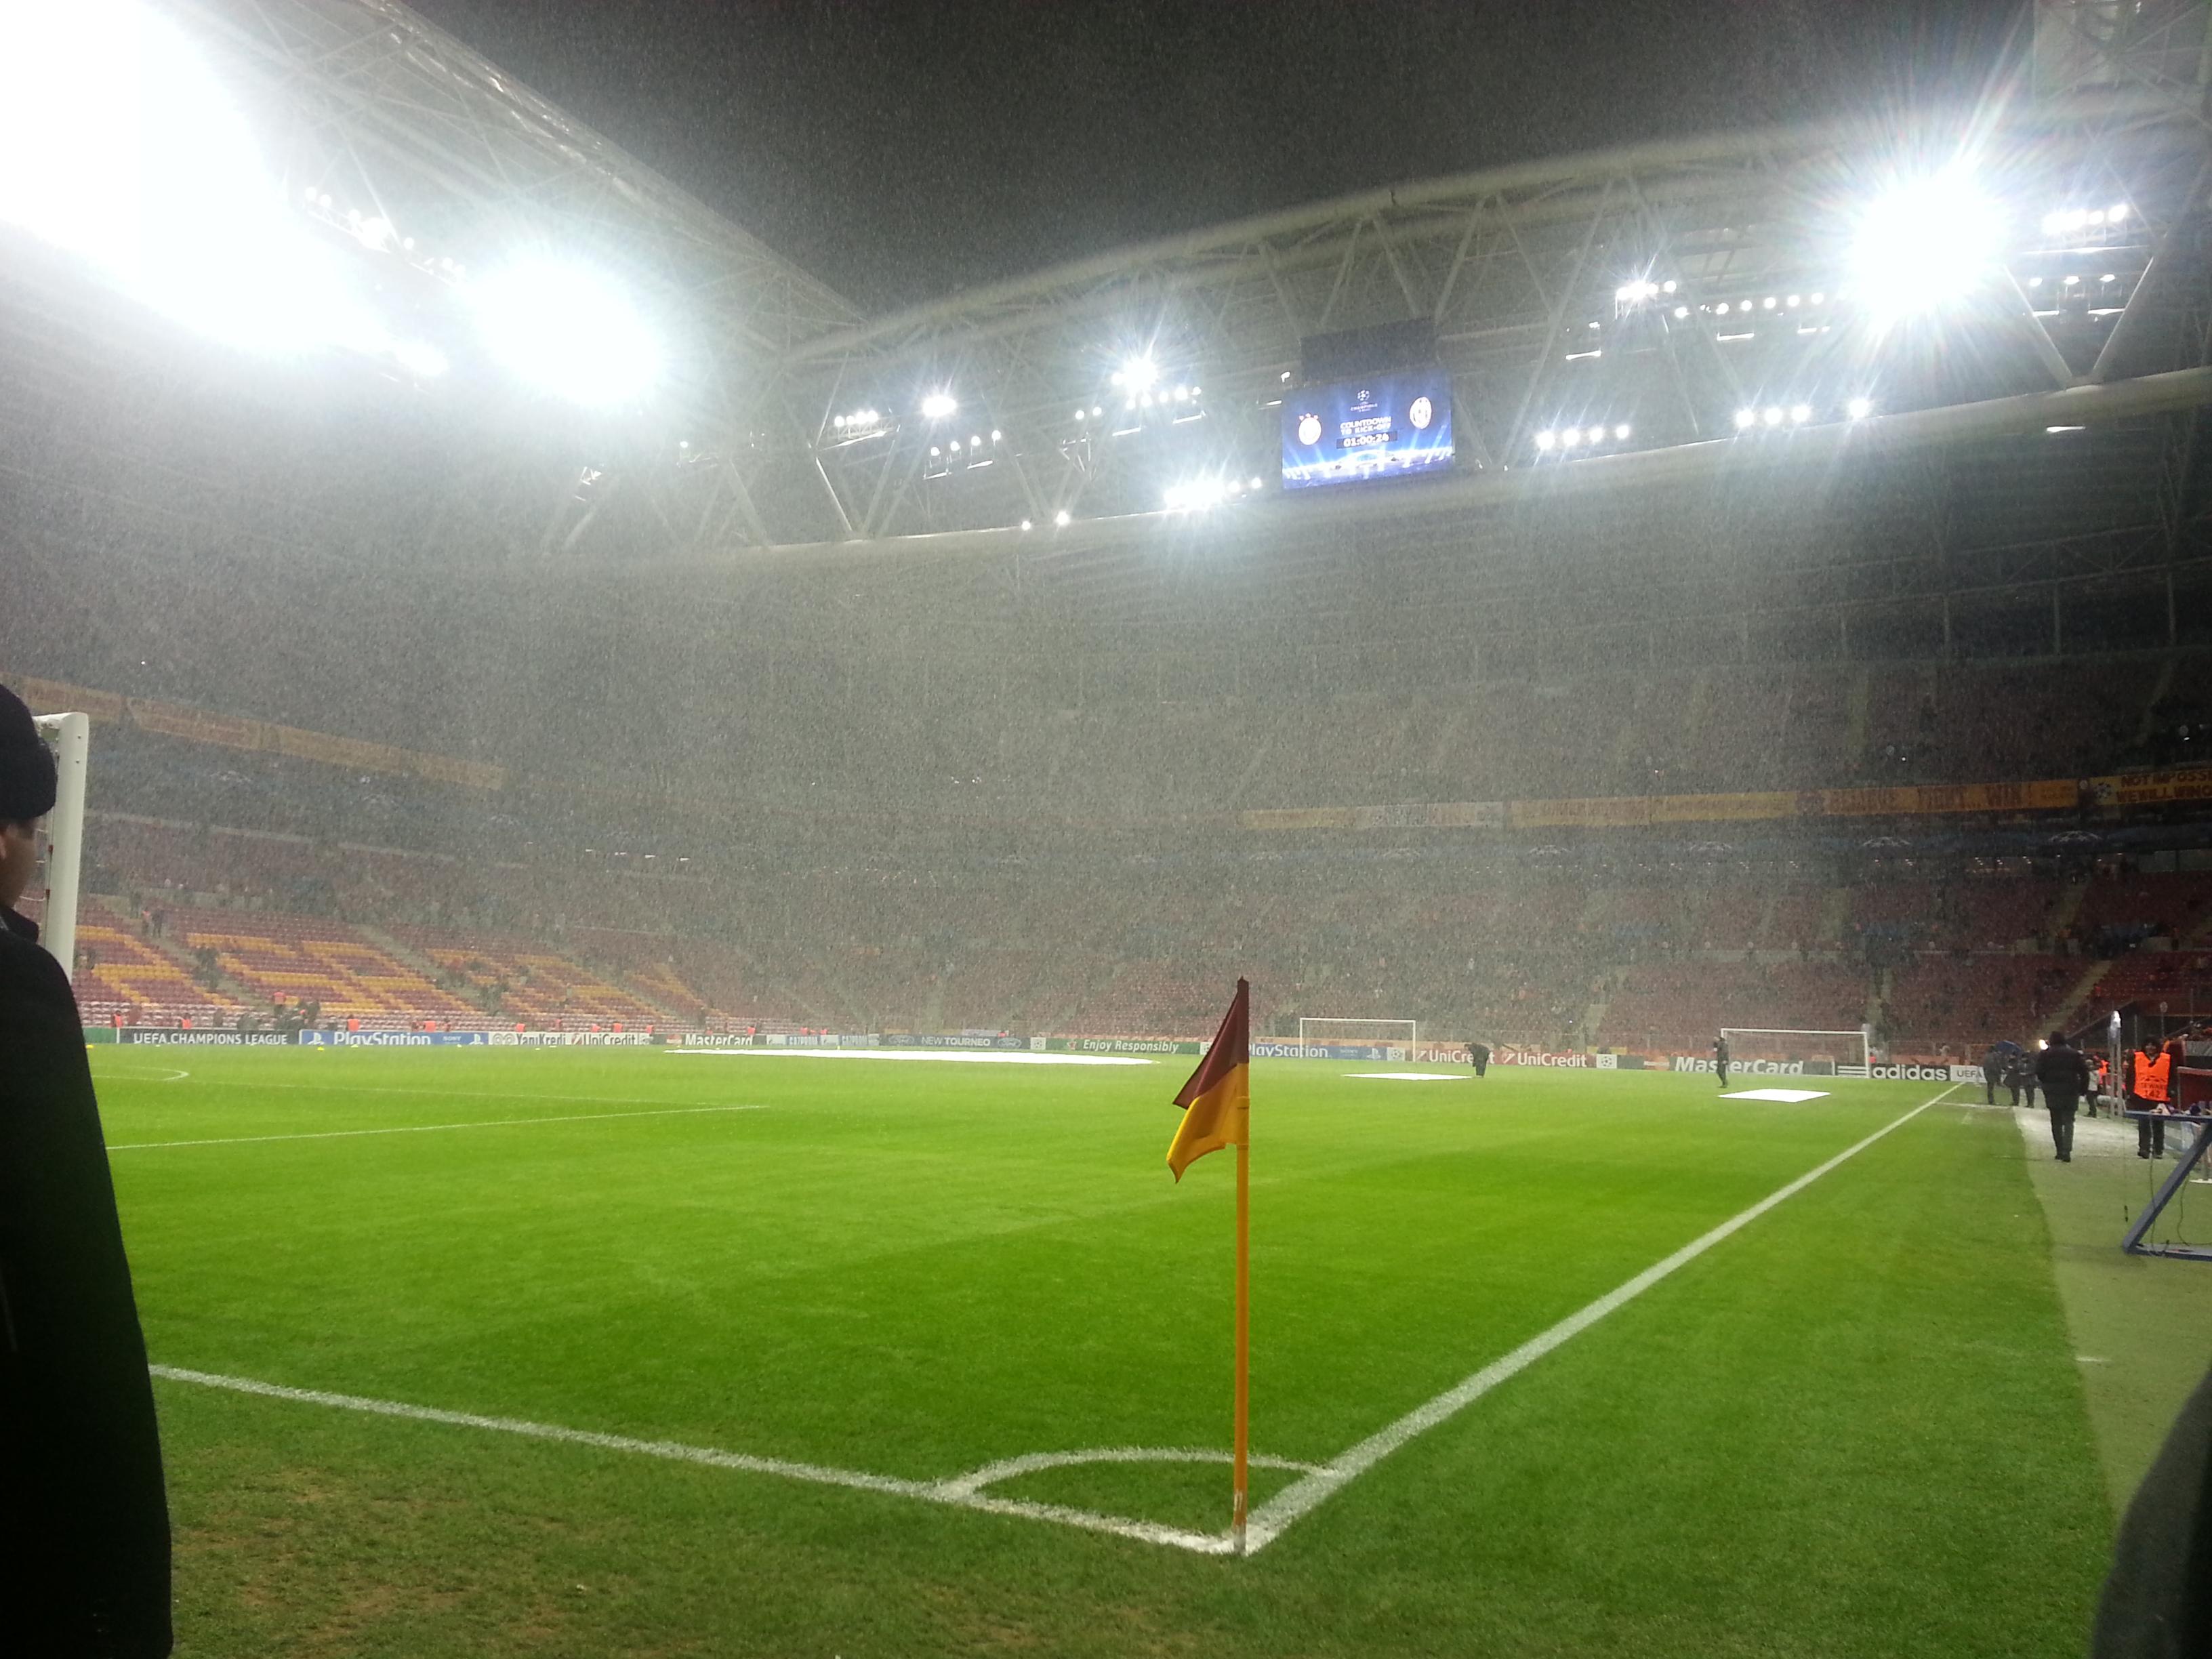 Galatasaray-Juventus Tarihe Tanıklık Ettik, Galatasaray-Juventus Maçının Hikayesi